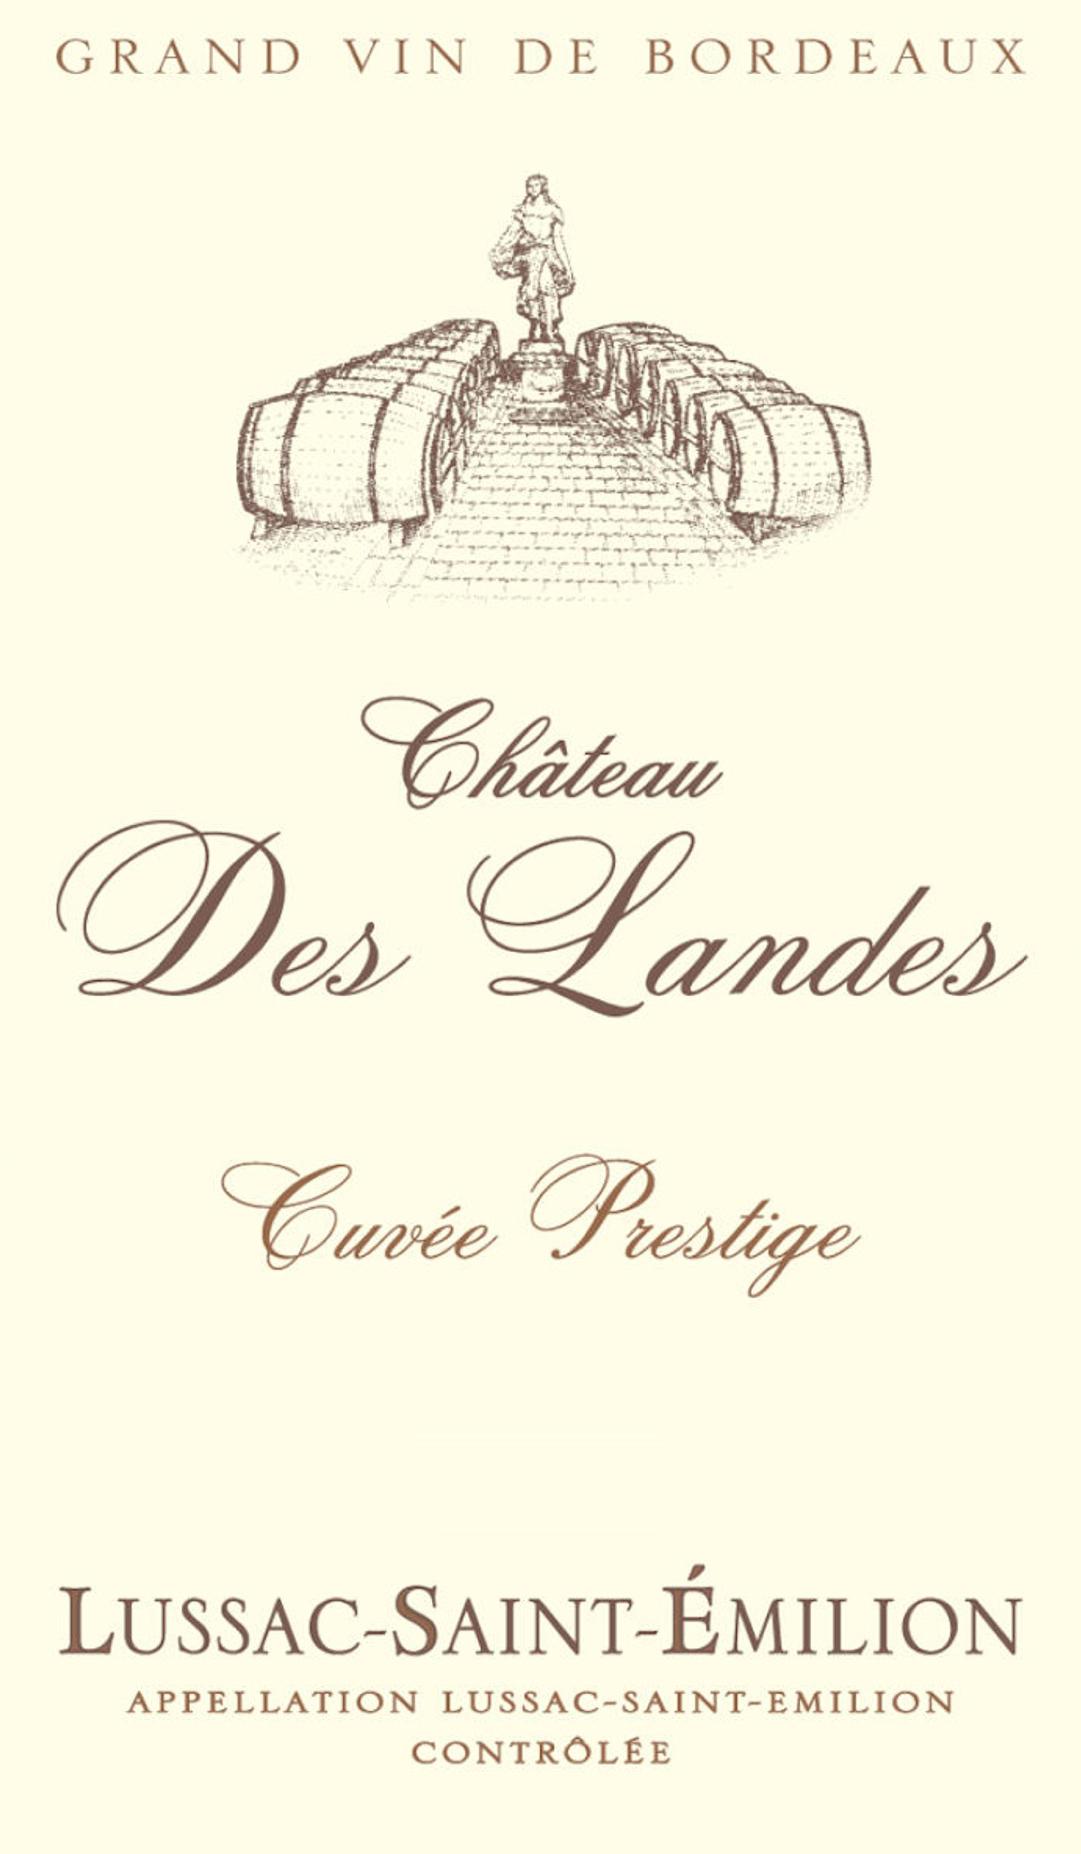 Chateau Des Landes Cuvee Prestige 2016